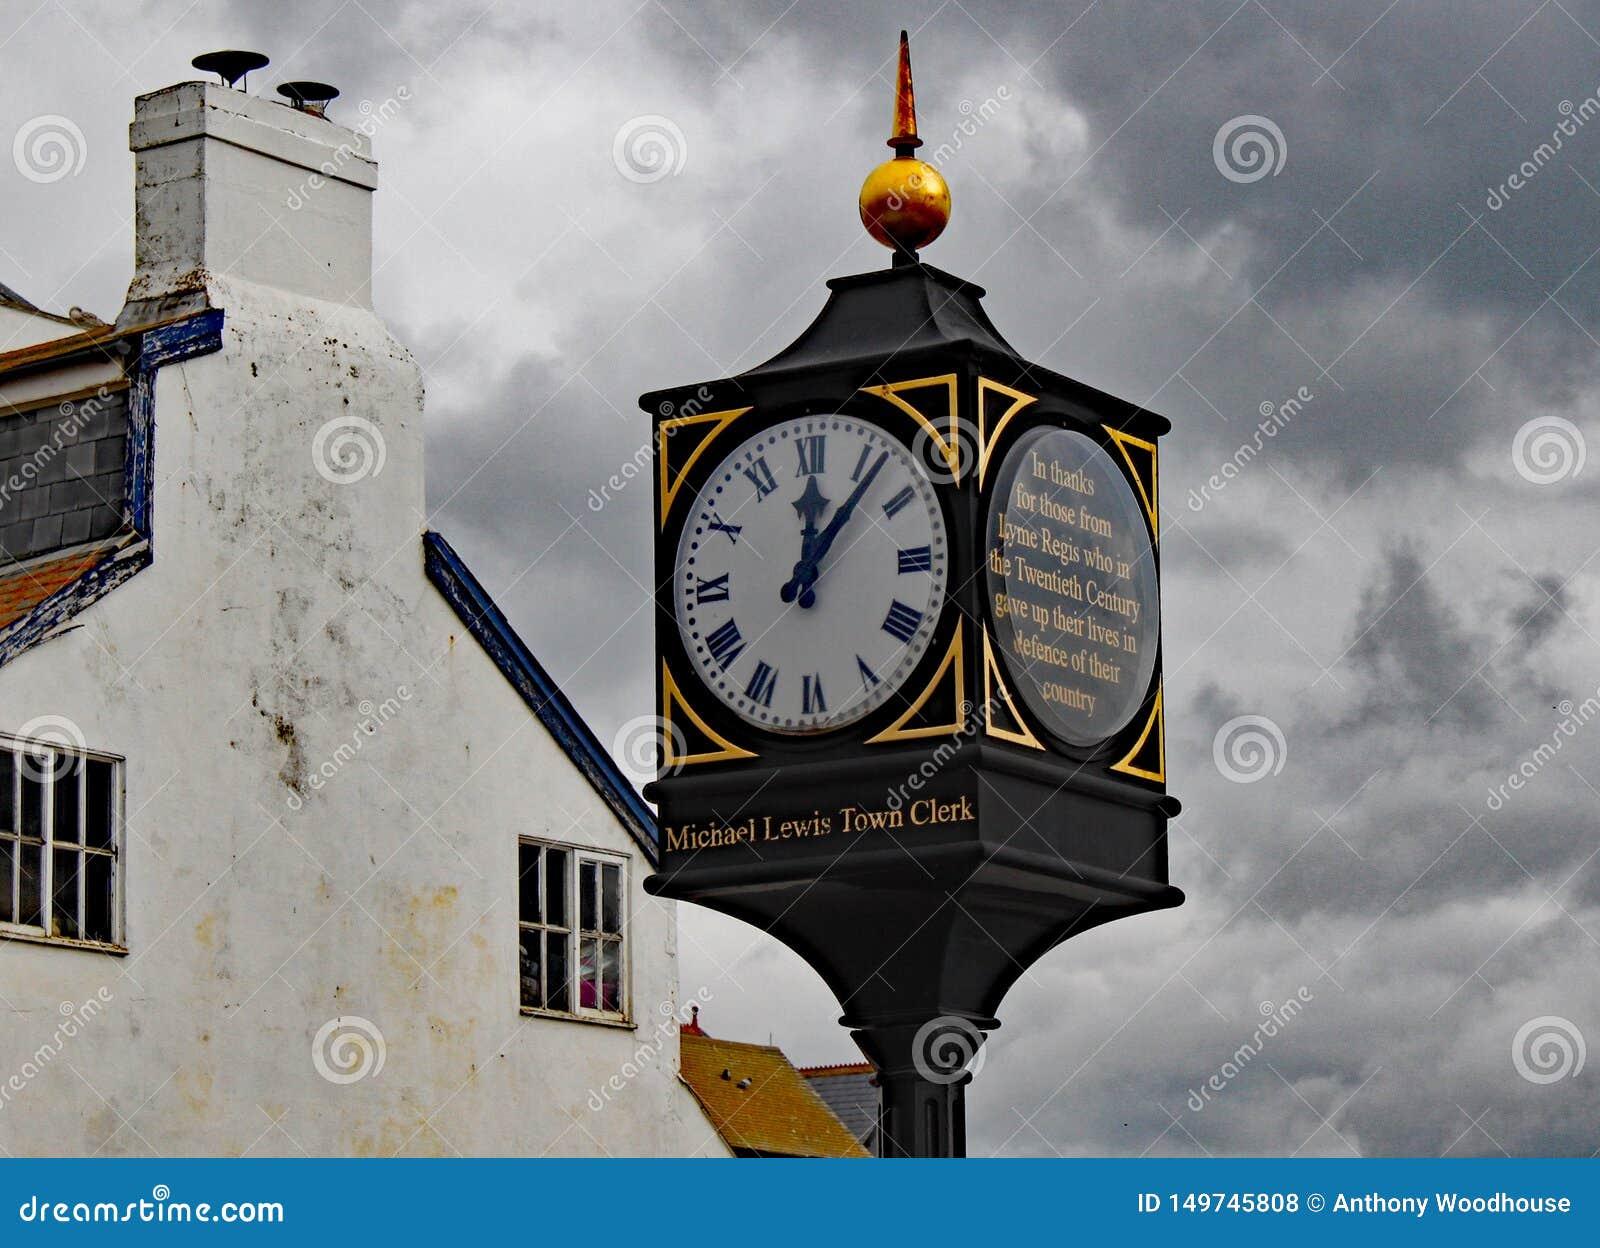 O pulso de disparo perto da parte dianteira de mar em Lyme Regis que recorda aqueles que deram suas vidas em defesa de seu país